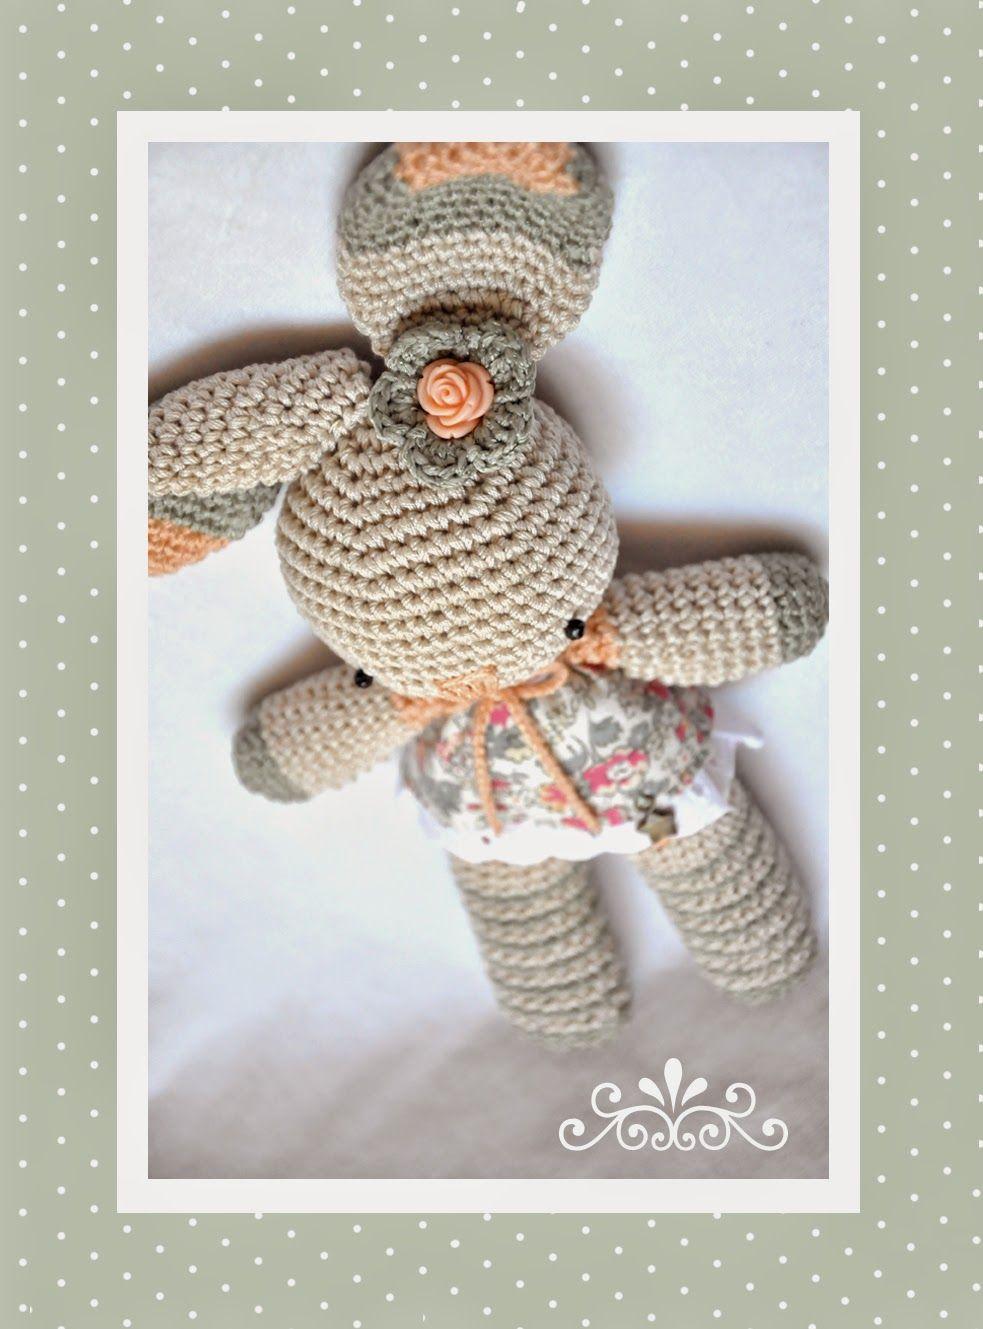 Blog sobre Amigurumies y DIY | Crochet | Pinterest | Blog, Sobres y ...